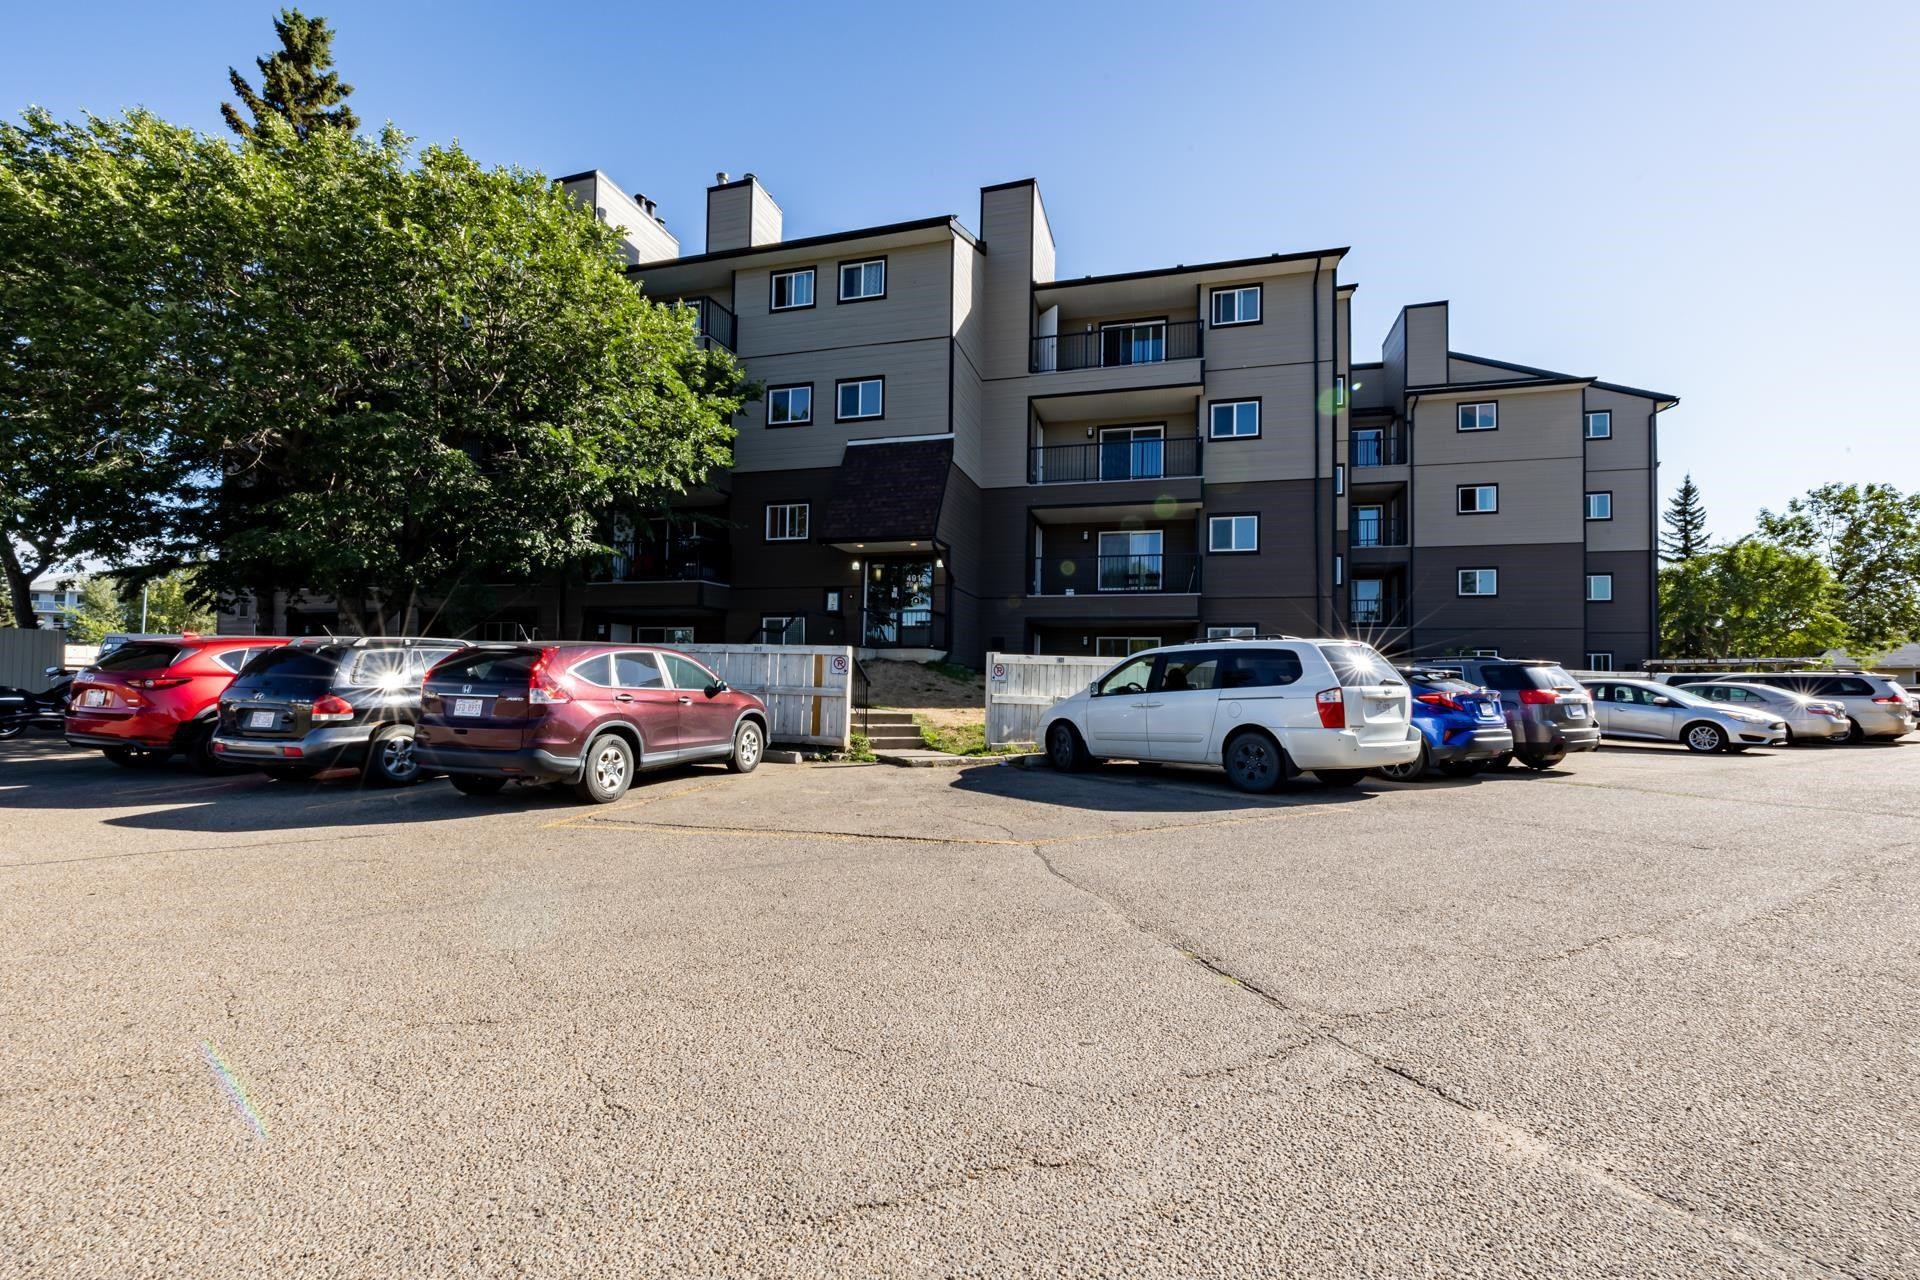 Main Photo: 104 4015 26 Avenue in Edmonton: Zone 29 Condo for sale : MLS®# E4259021